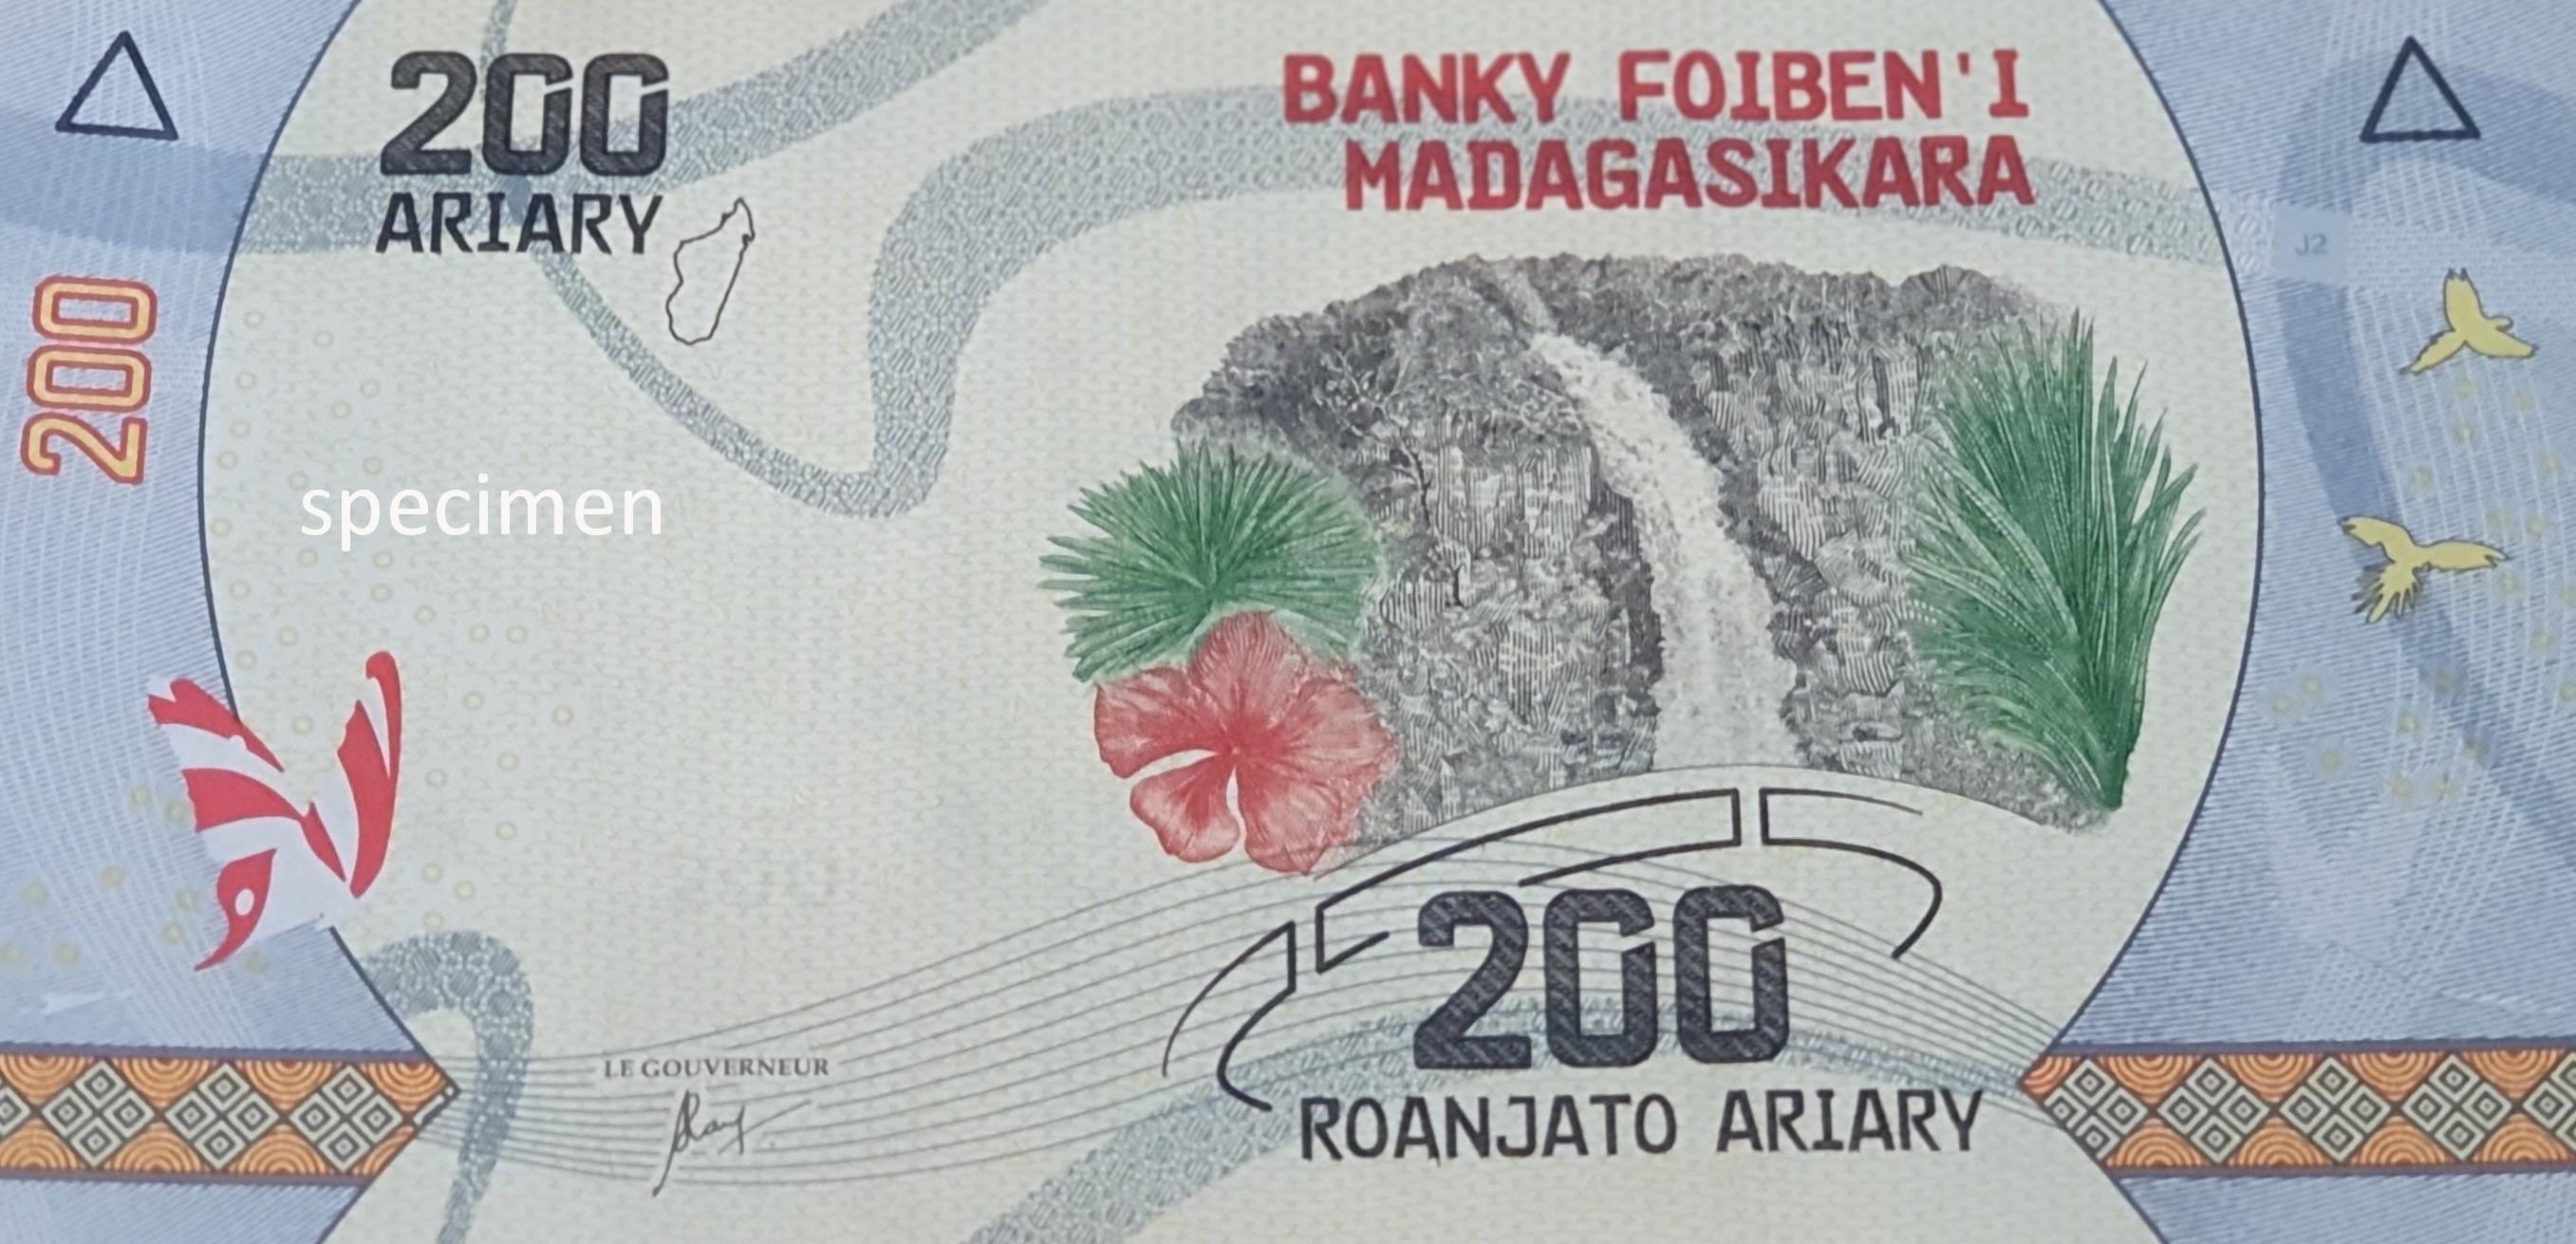 Banknote in Madagaskar, Geldschein von 200 Ariary